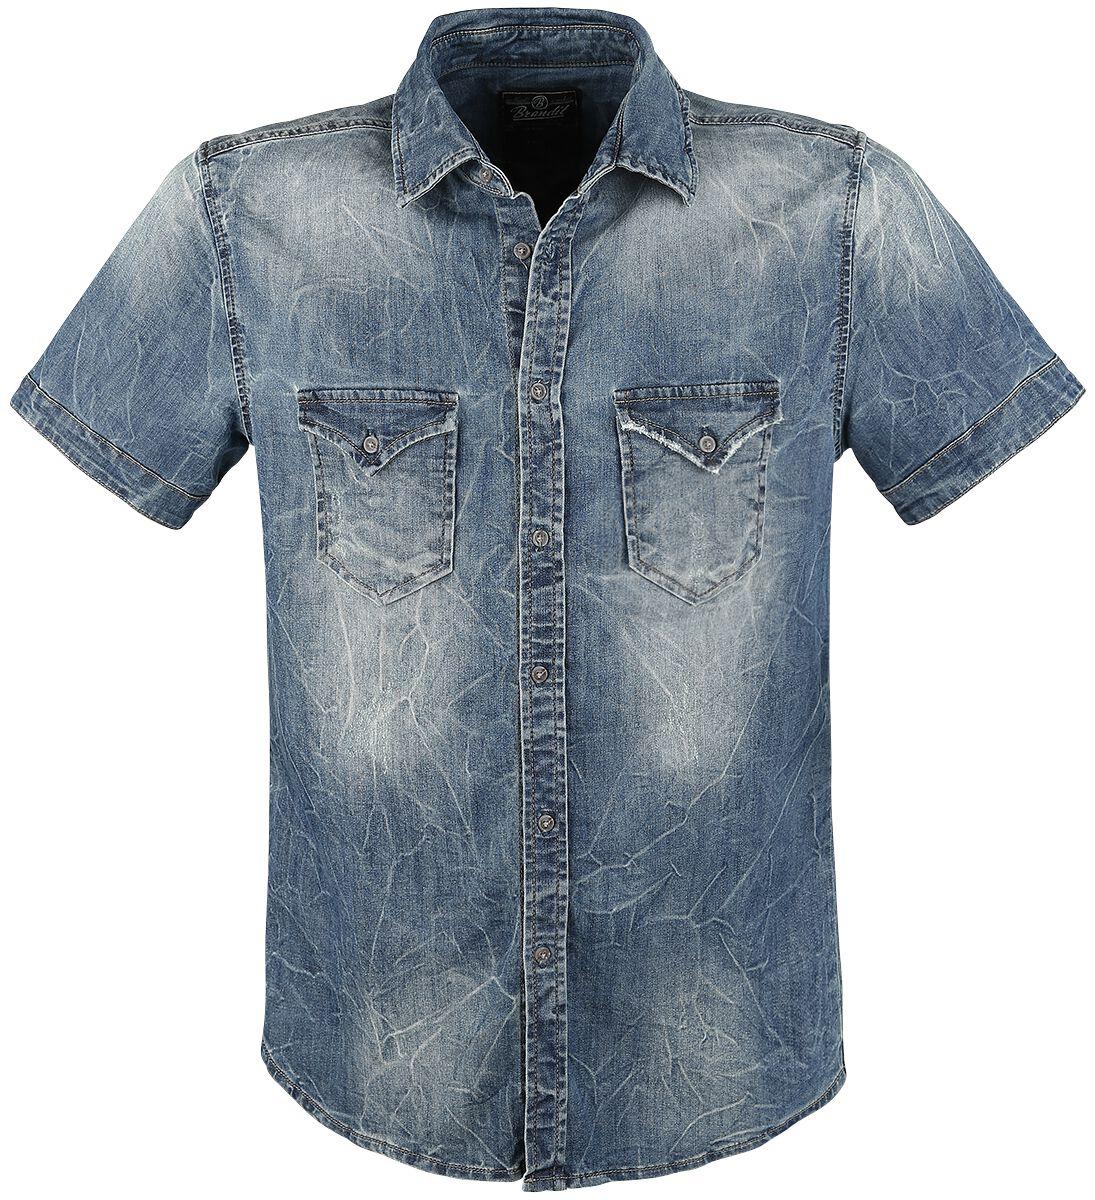 Image of   Brandit Riley Short Sleeve Denim Shirt Skjorte blå